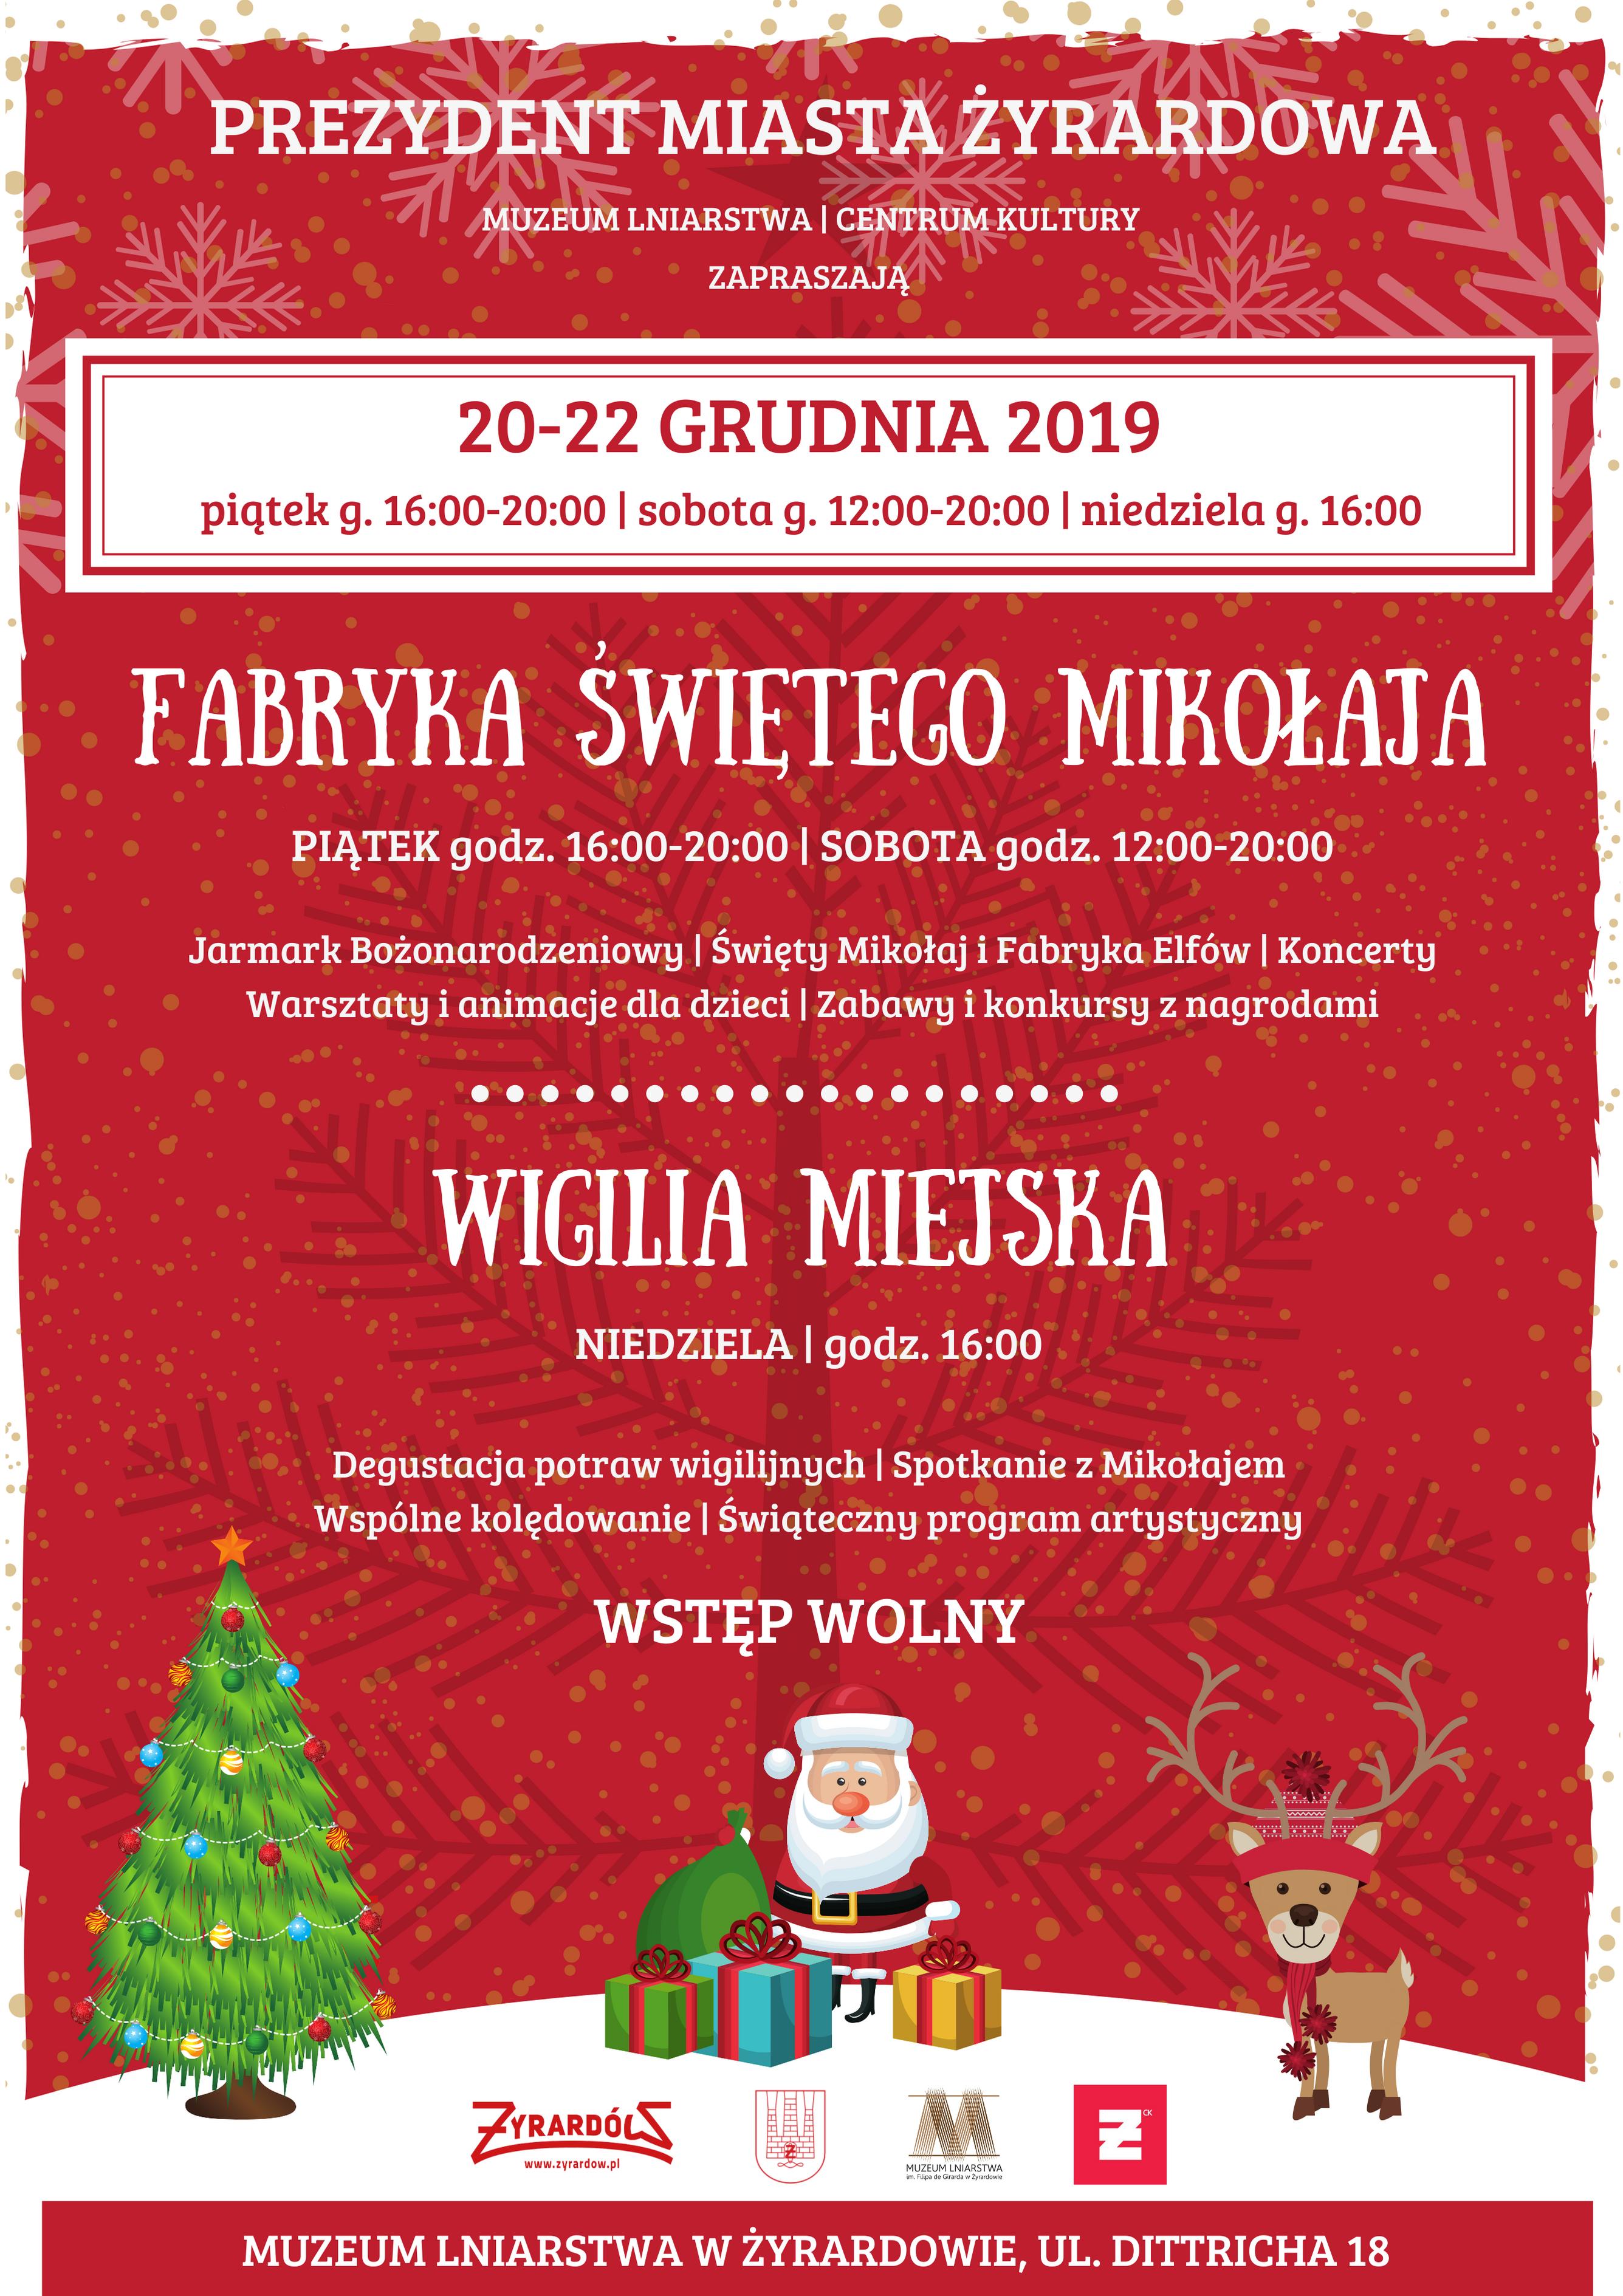 fabryka-swietego-mikolaja-zyrardow-2019